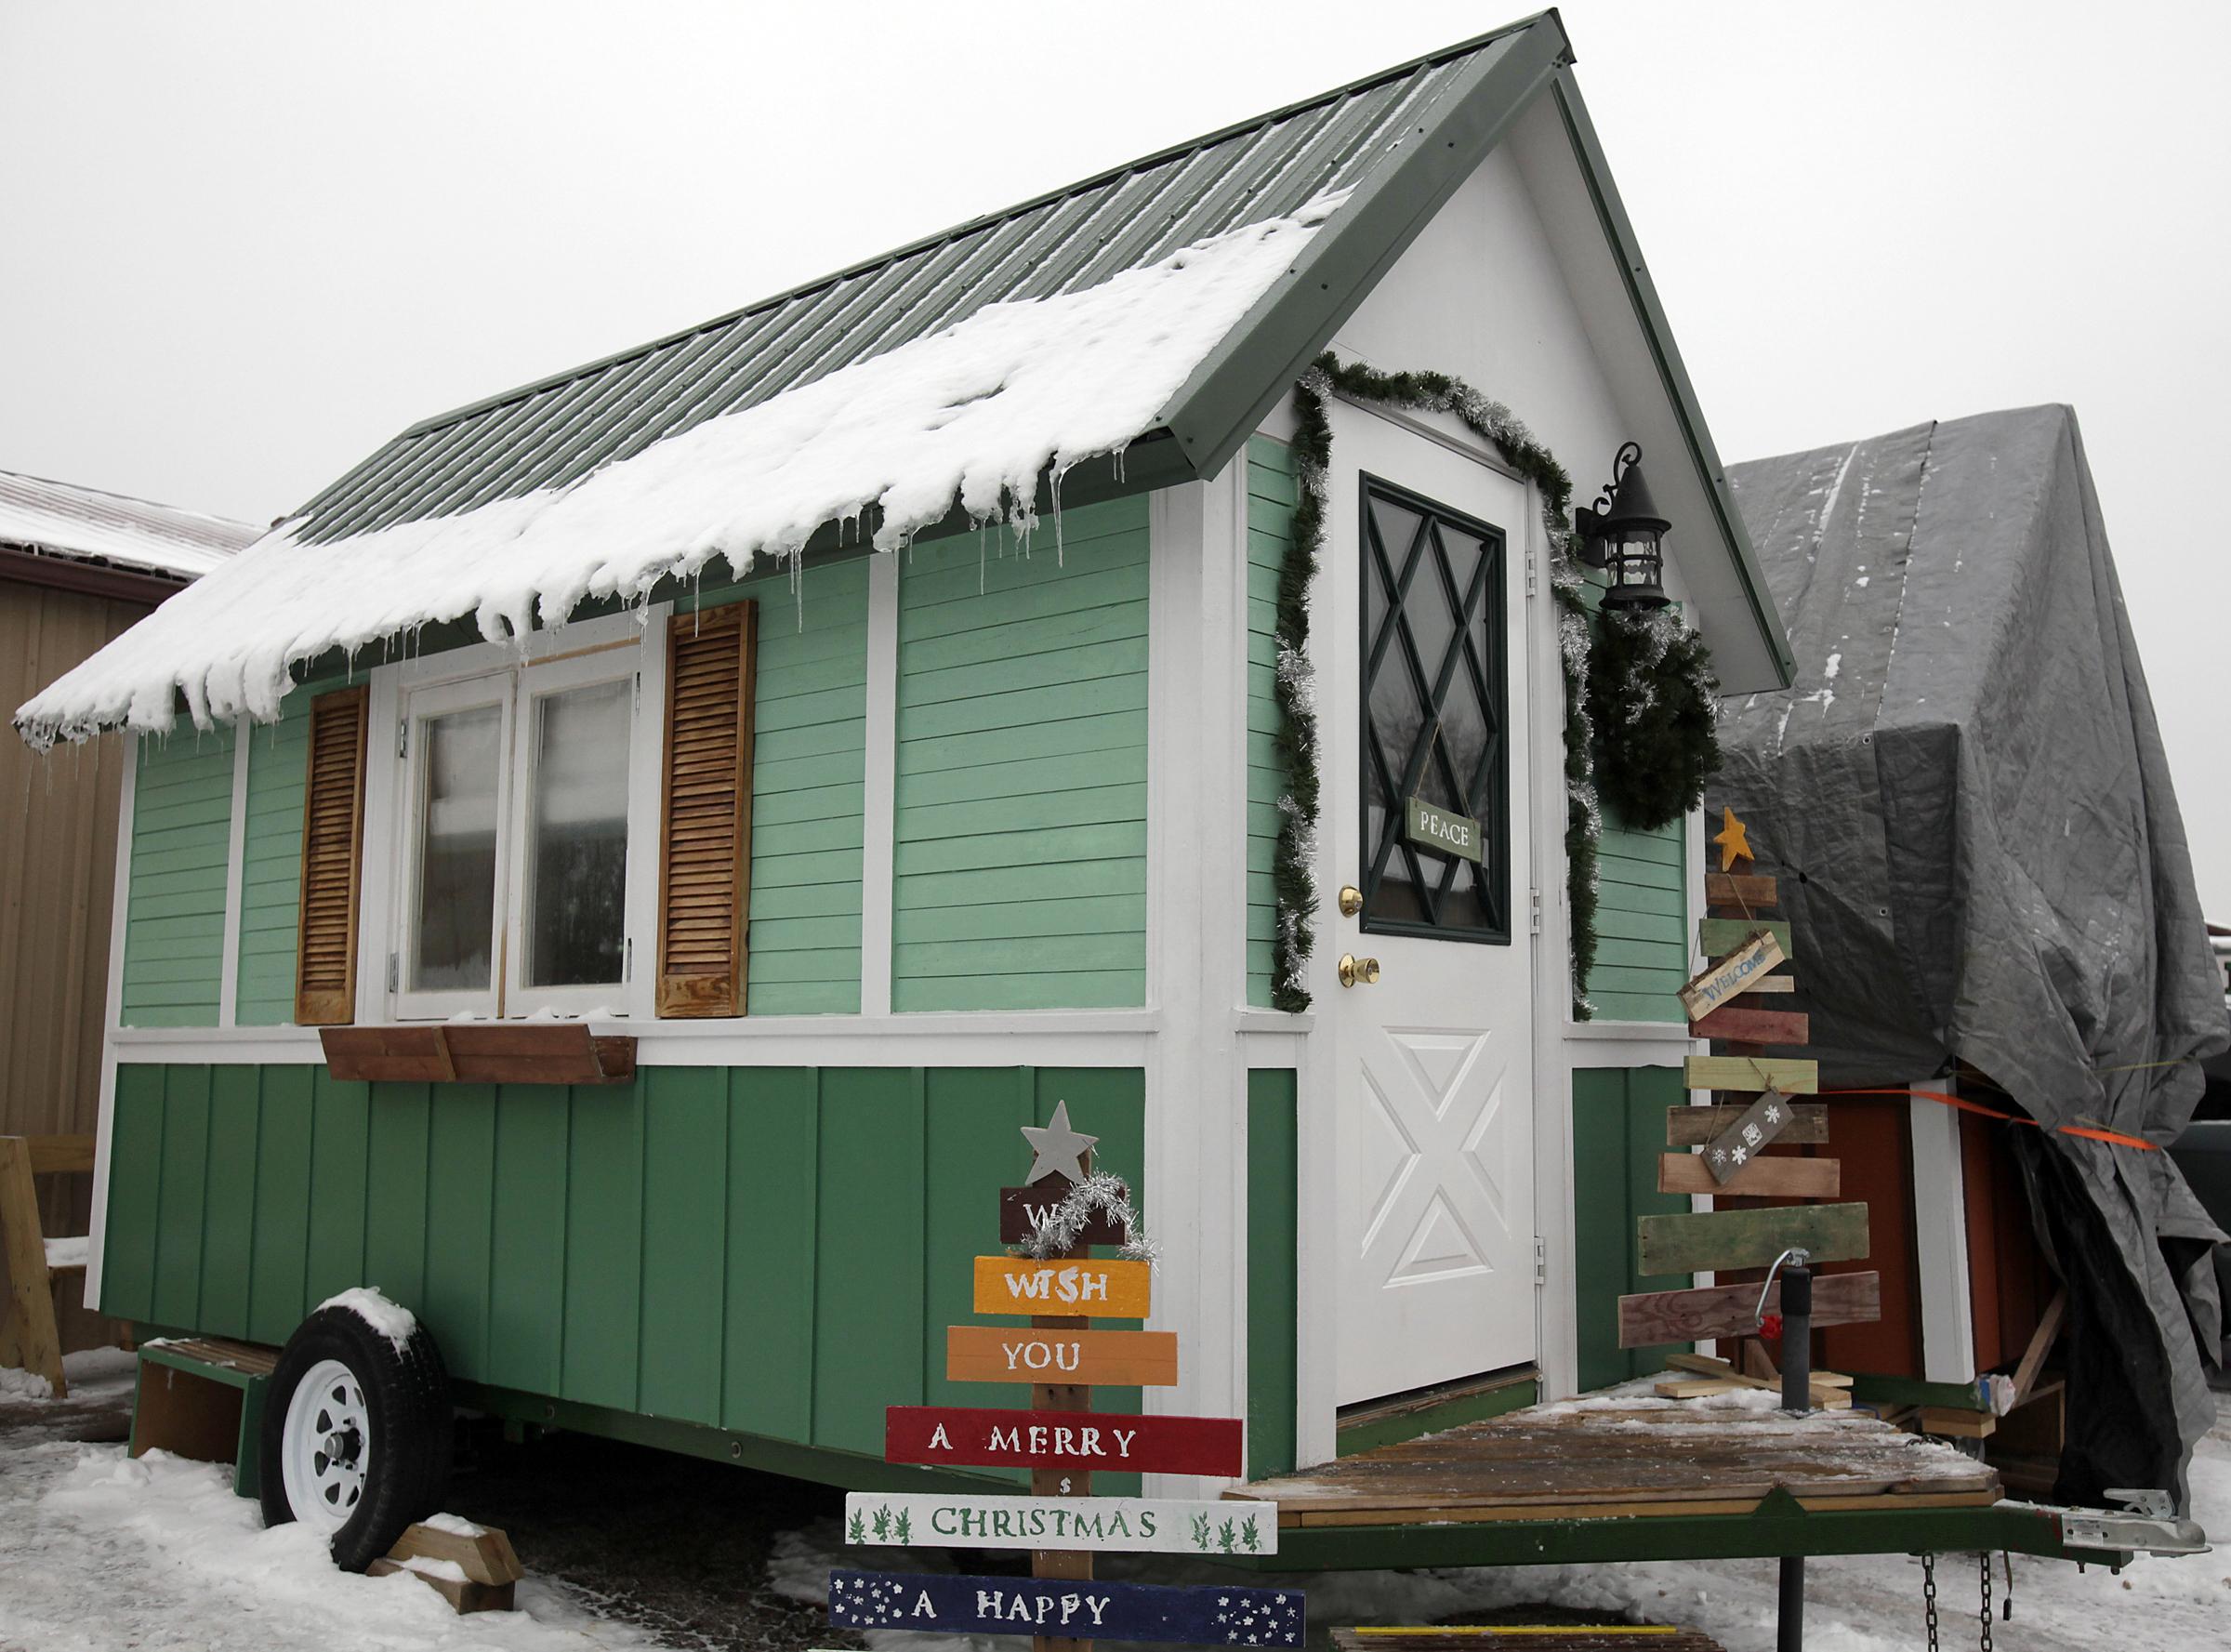 Casa miniatura en Wisconsin, una innovación en el Día Mundial del Hábitat (AP Images)